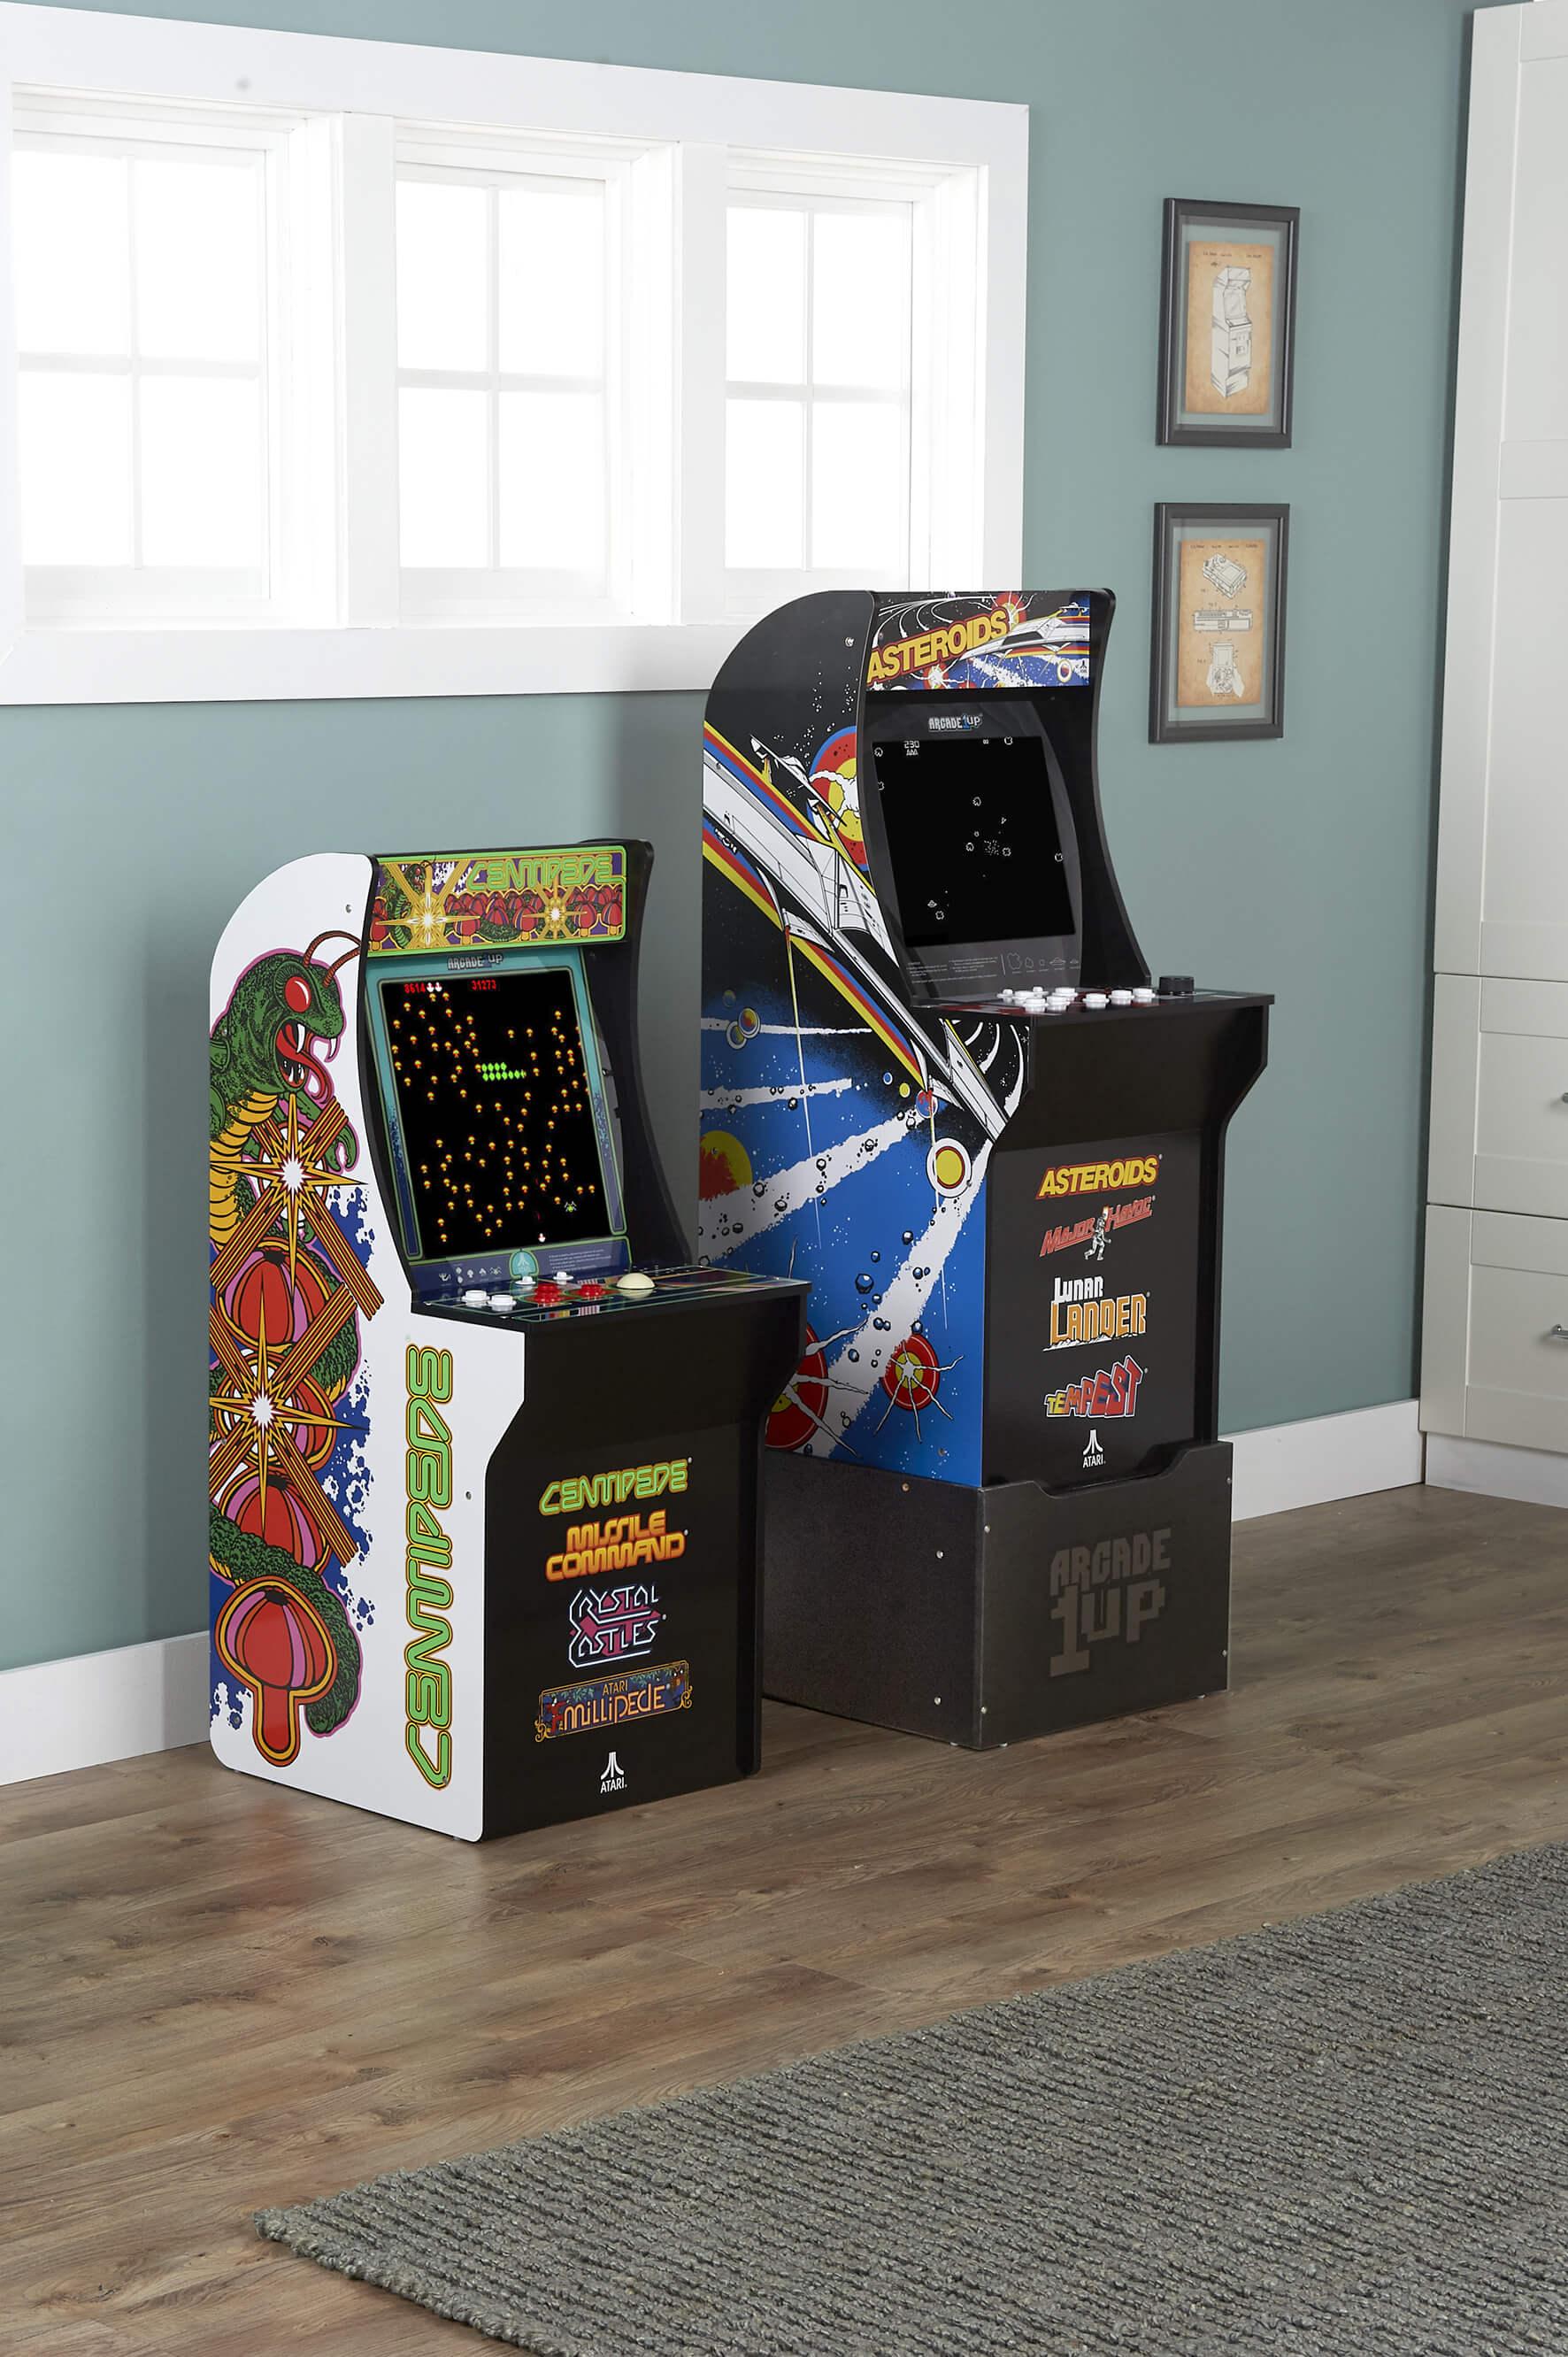 Atari Home Arcade